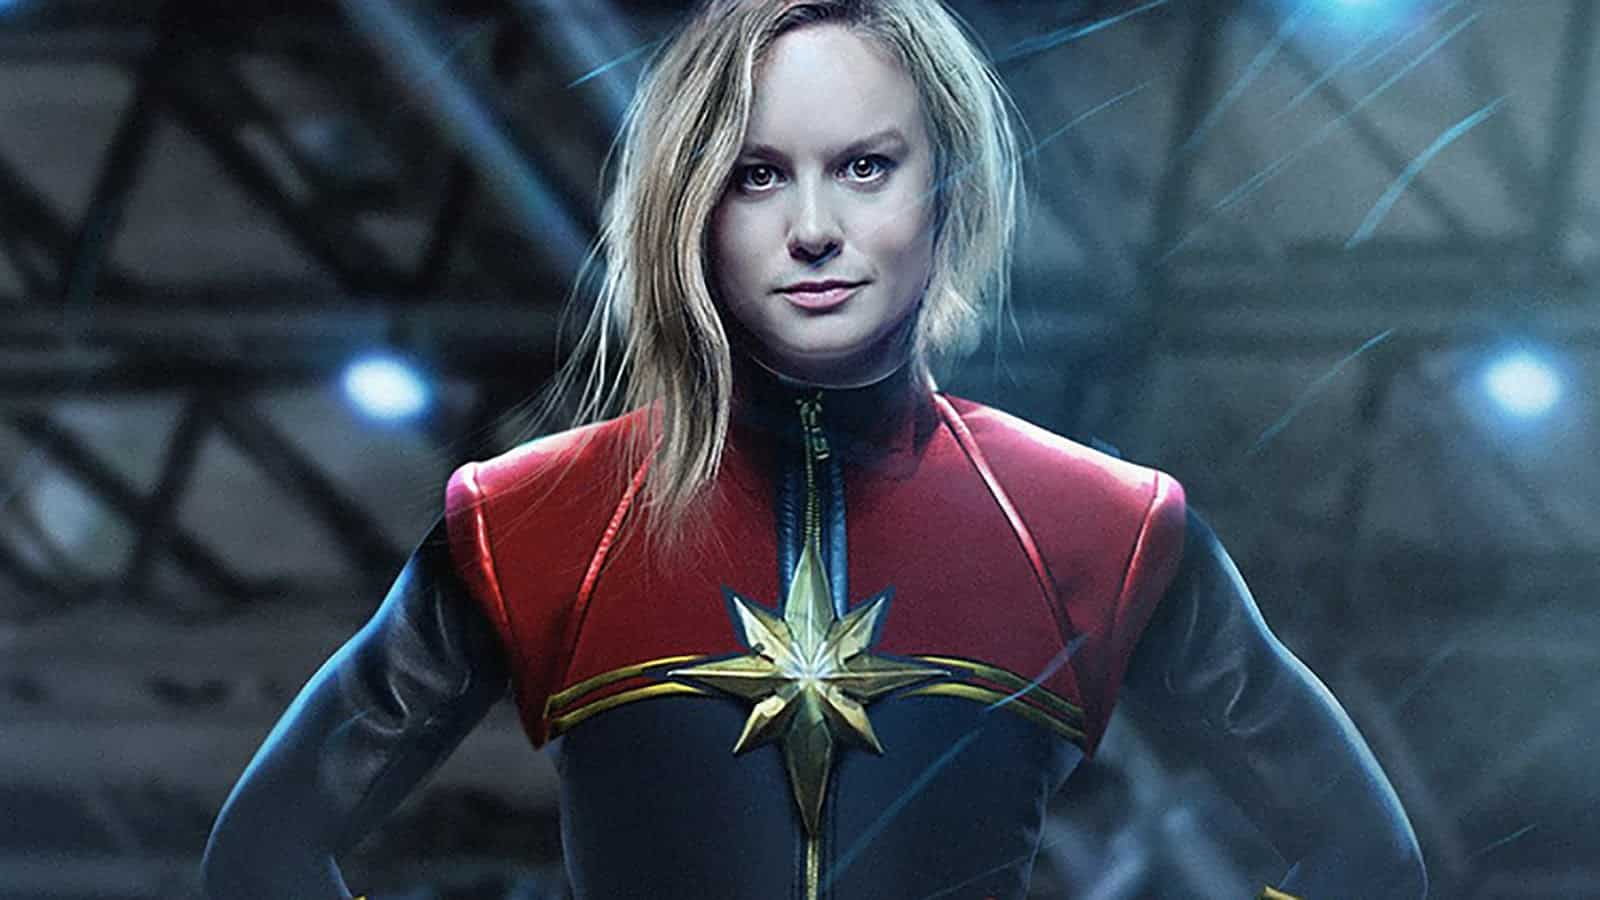 A nejak takto by mohla vyzerať Brie v obleku Captain Marvel